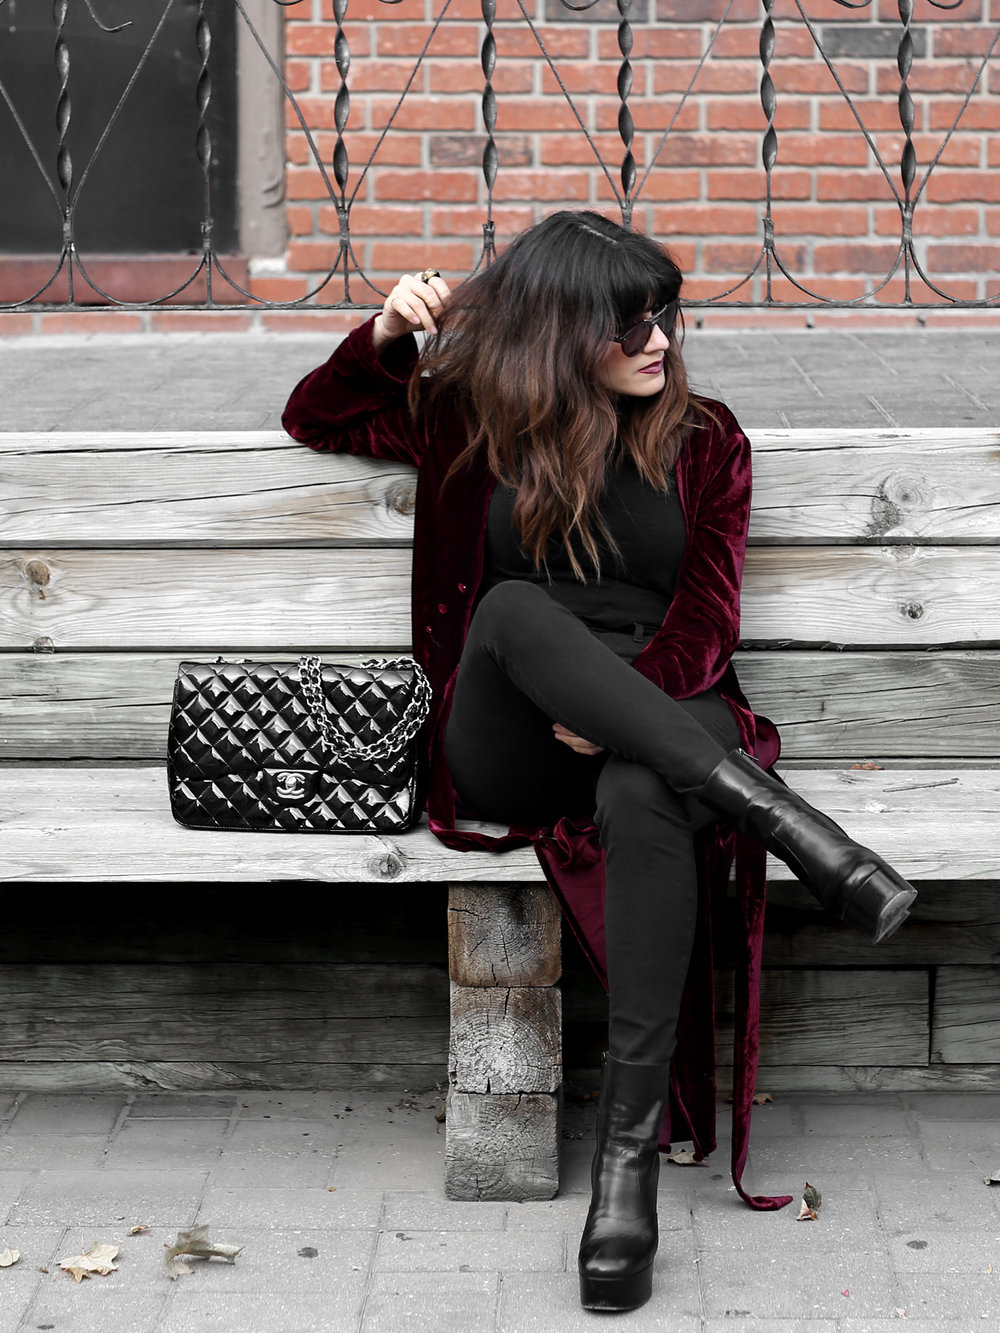 velvet duster coat street style - chanel patent leather jumbo bag, saint laurent platform boots_2487.JPG